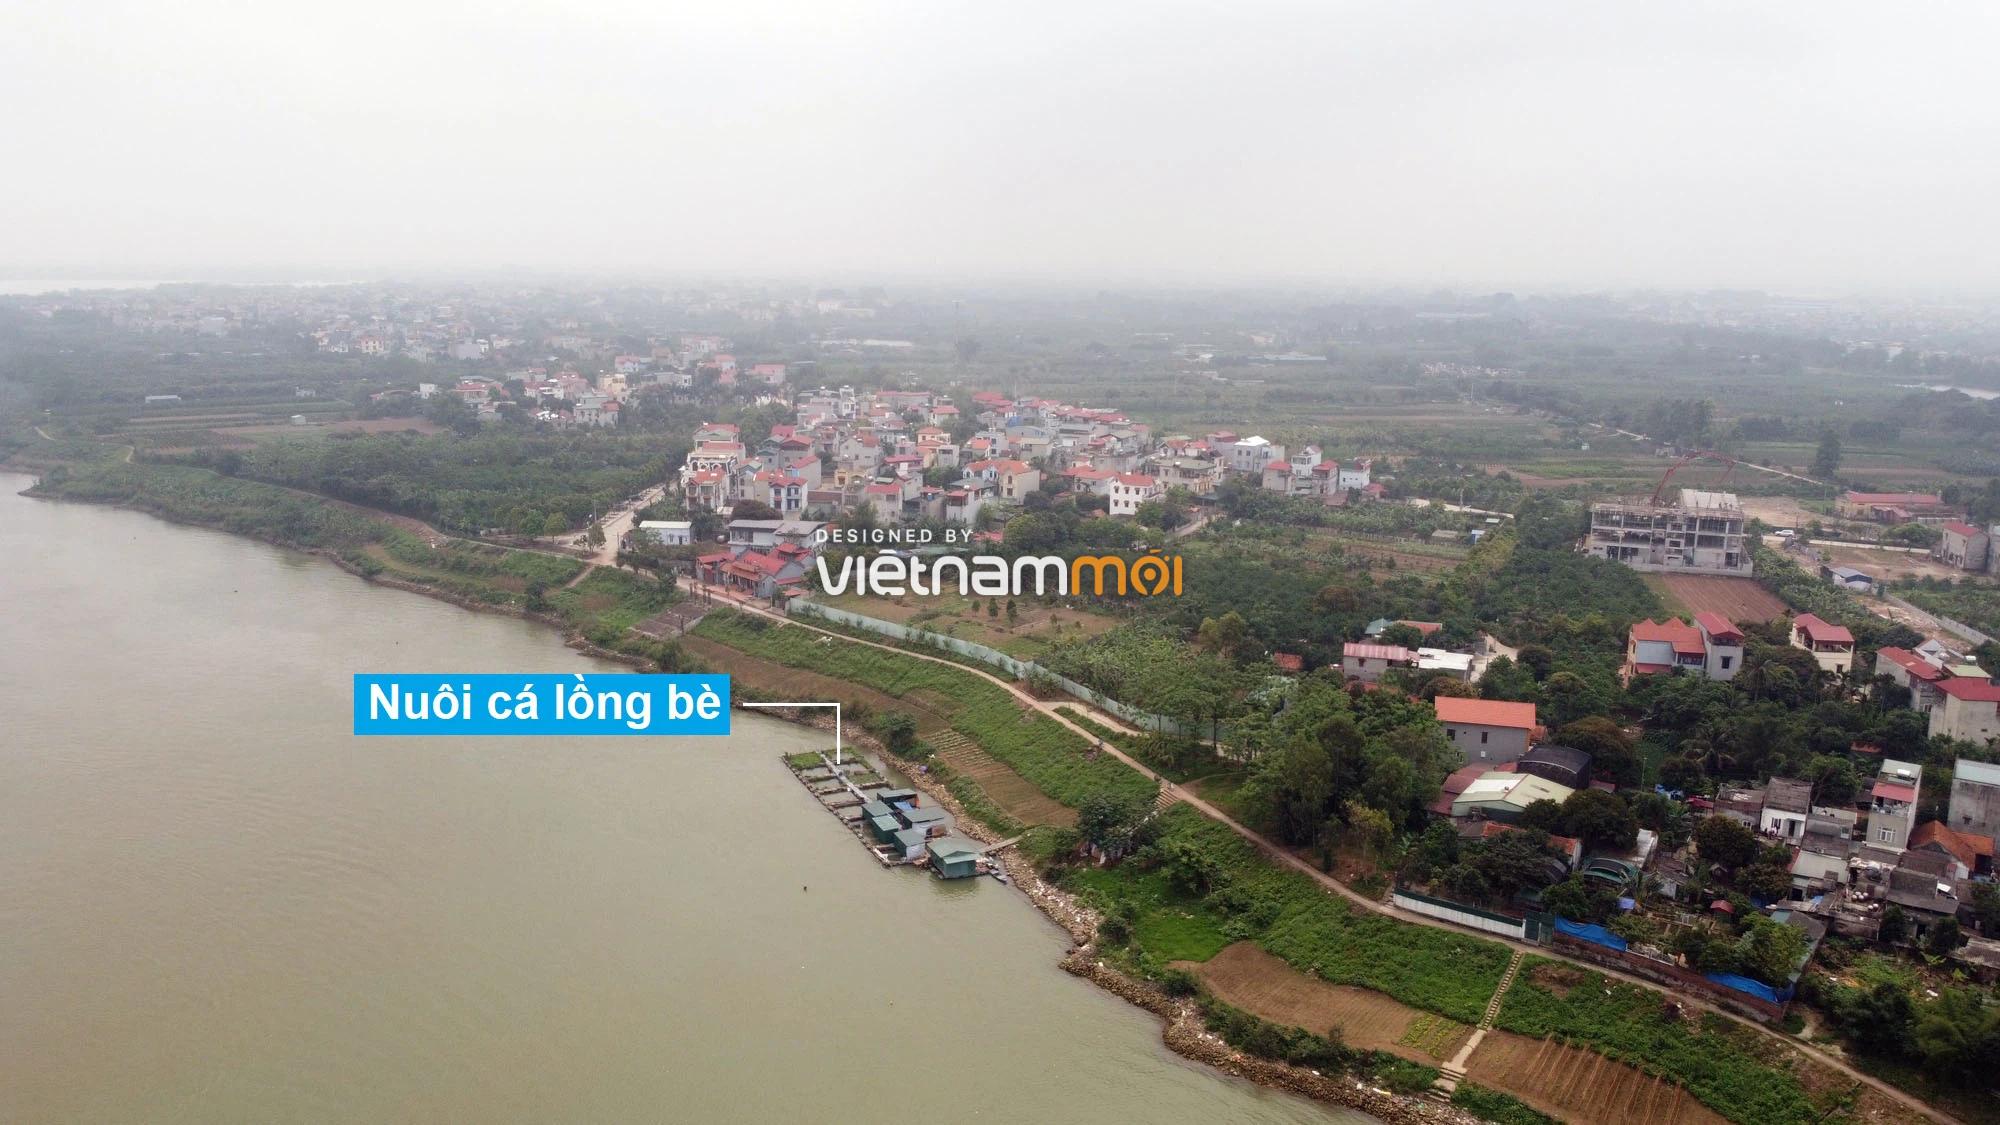 Toàn cảnh hiện trạng Phân khu đô thị sông Hồng trên địa bàn huyện Thanh Trì - Ảnh 21.